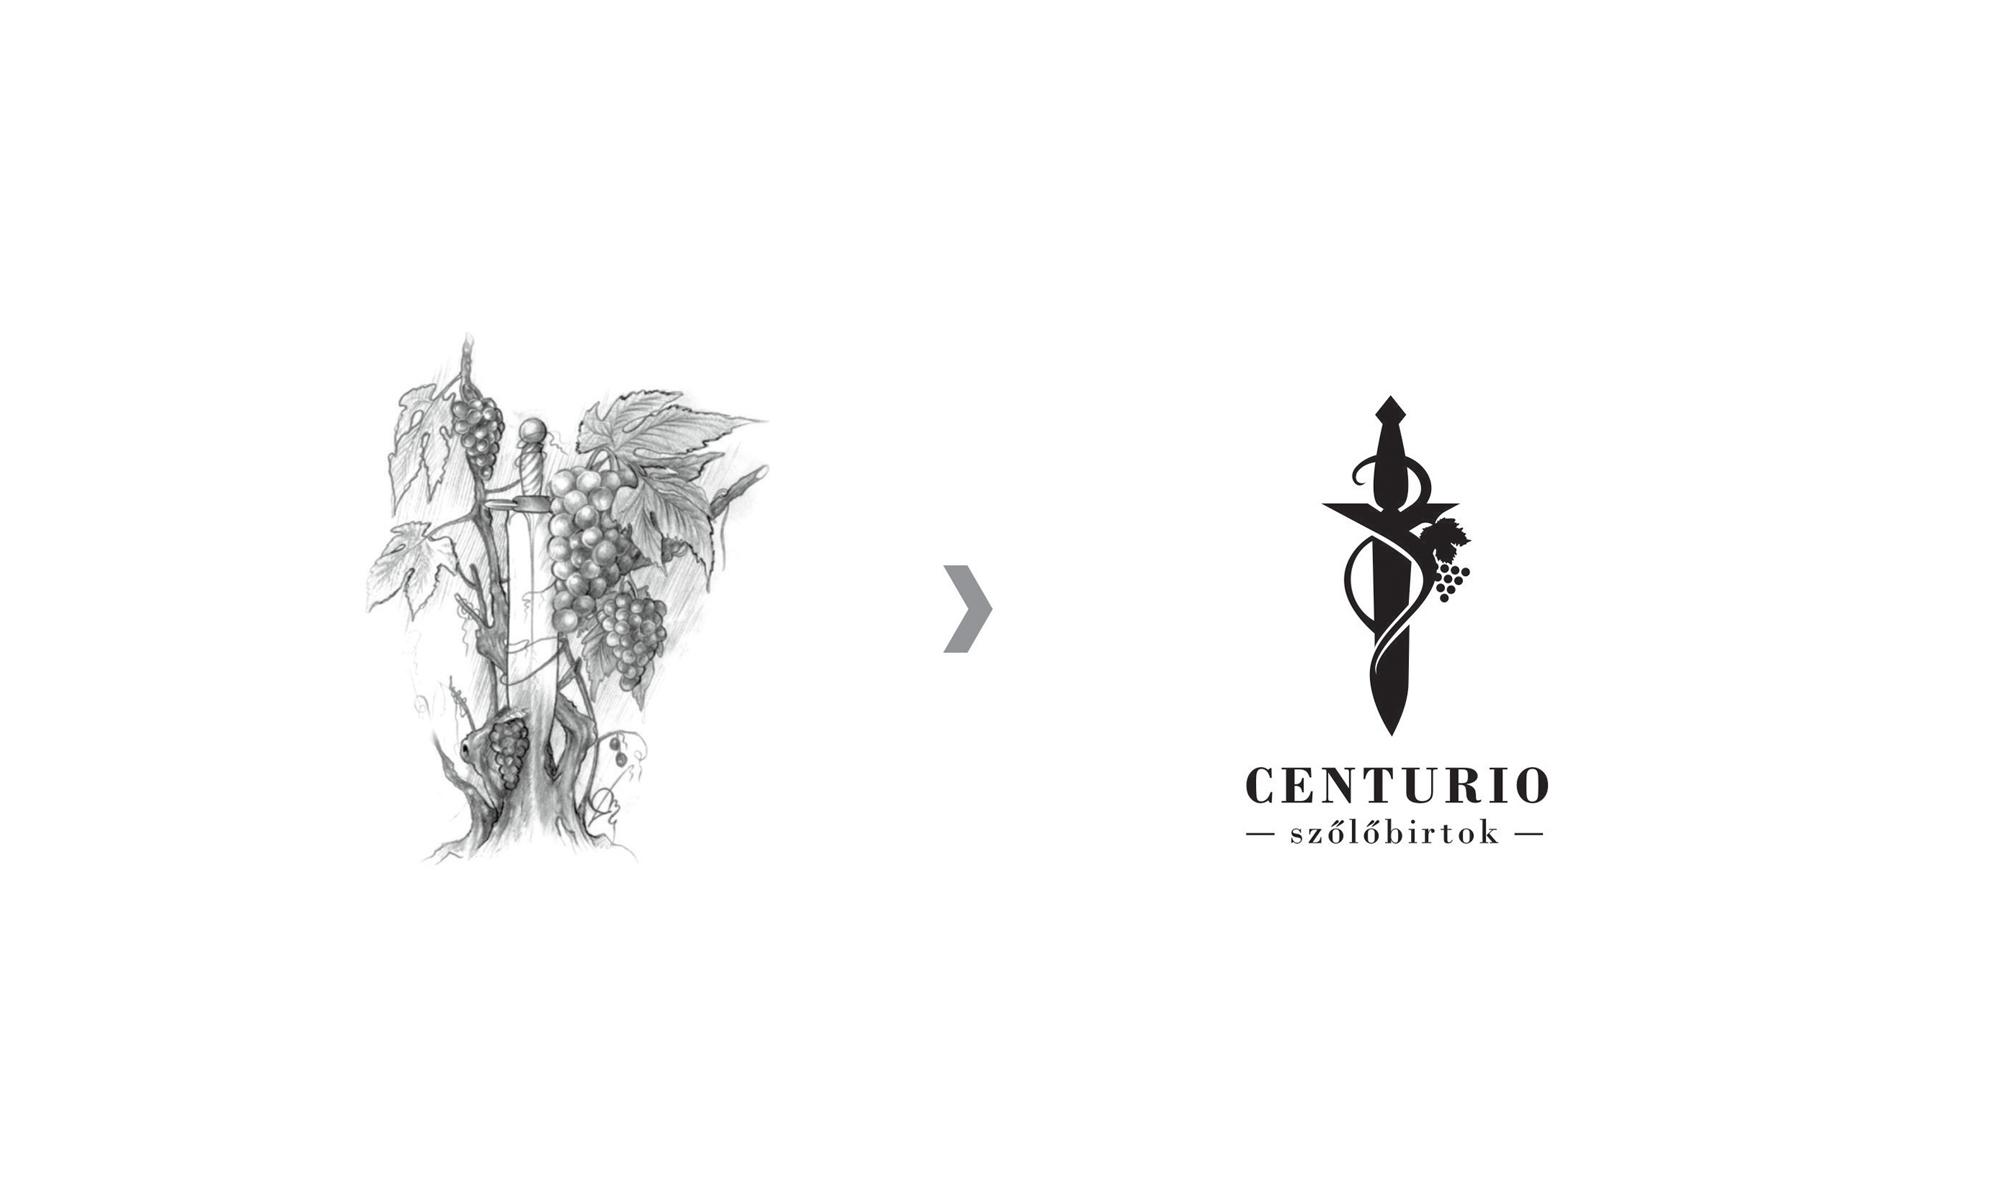 centurio_02.jpg